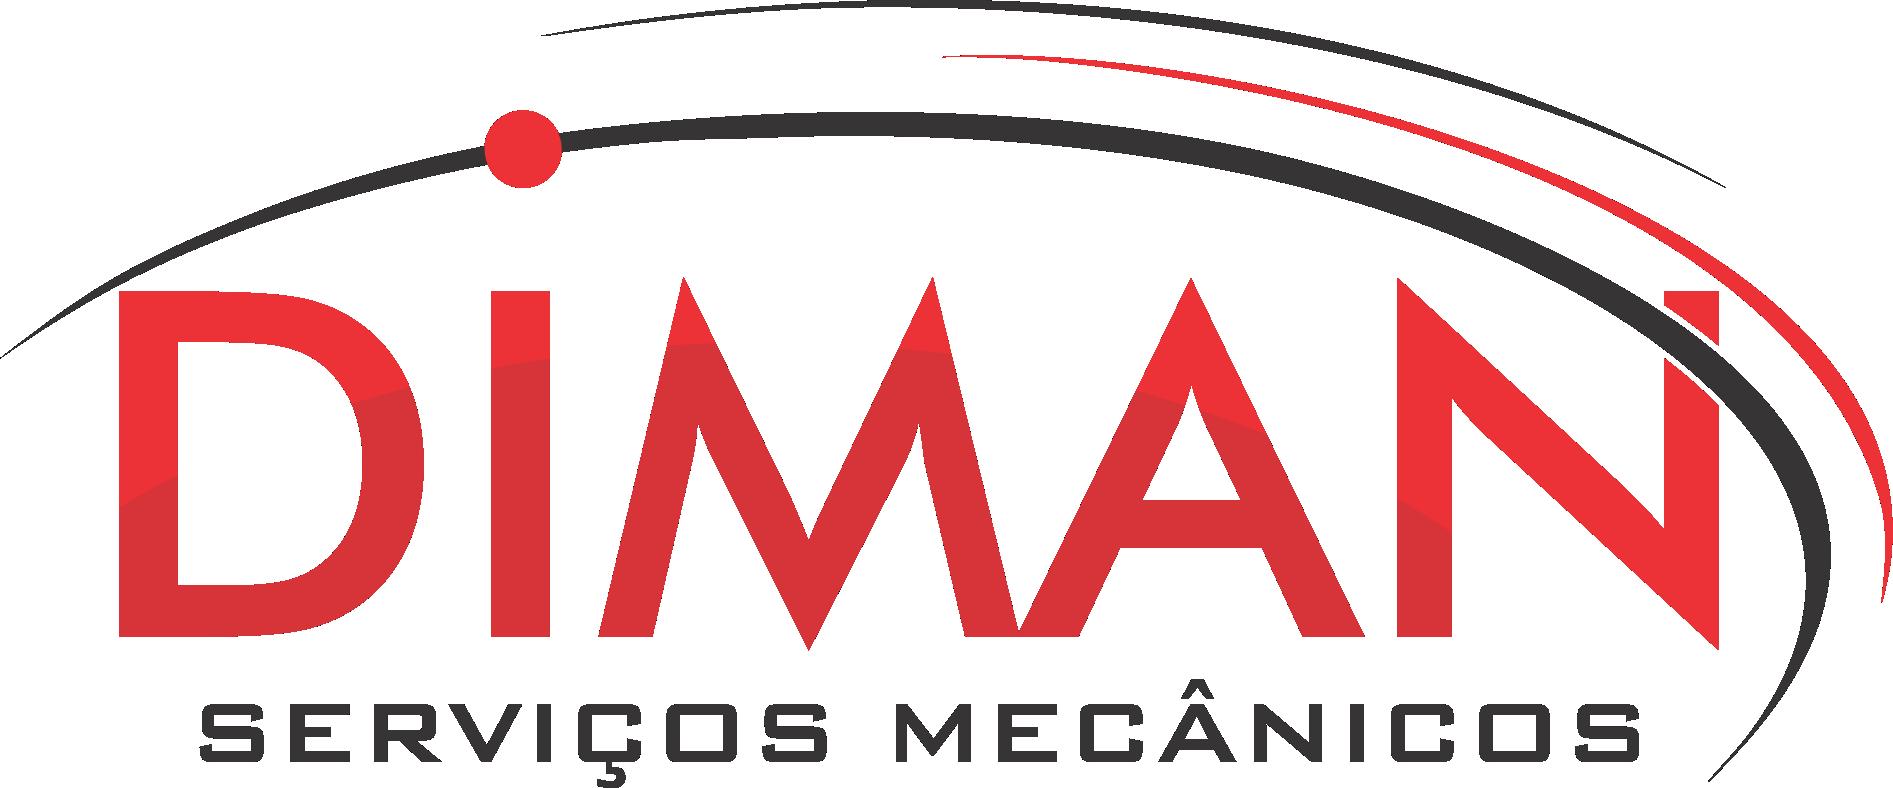 Serviços Mecânicos - Diman